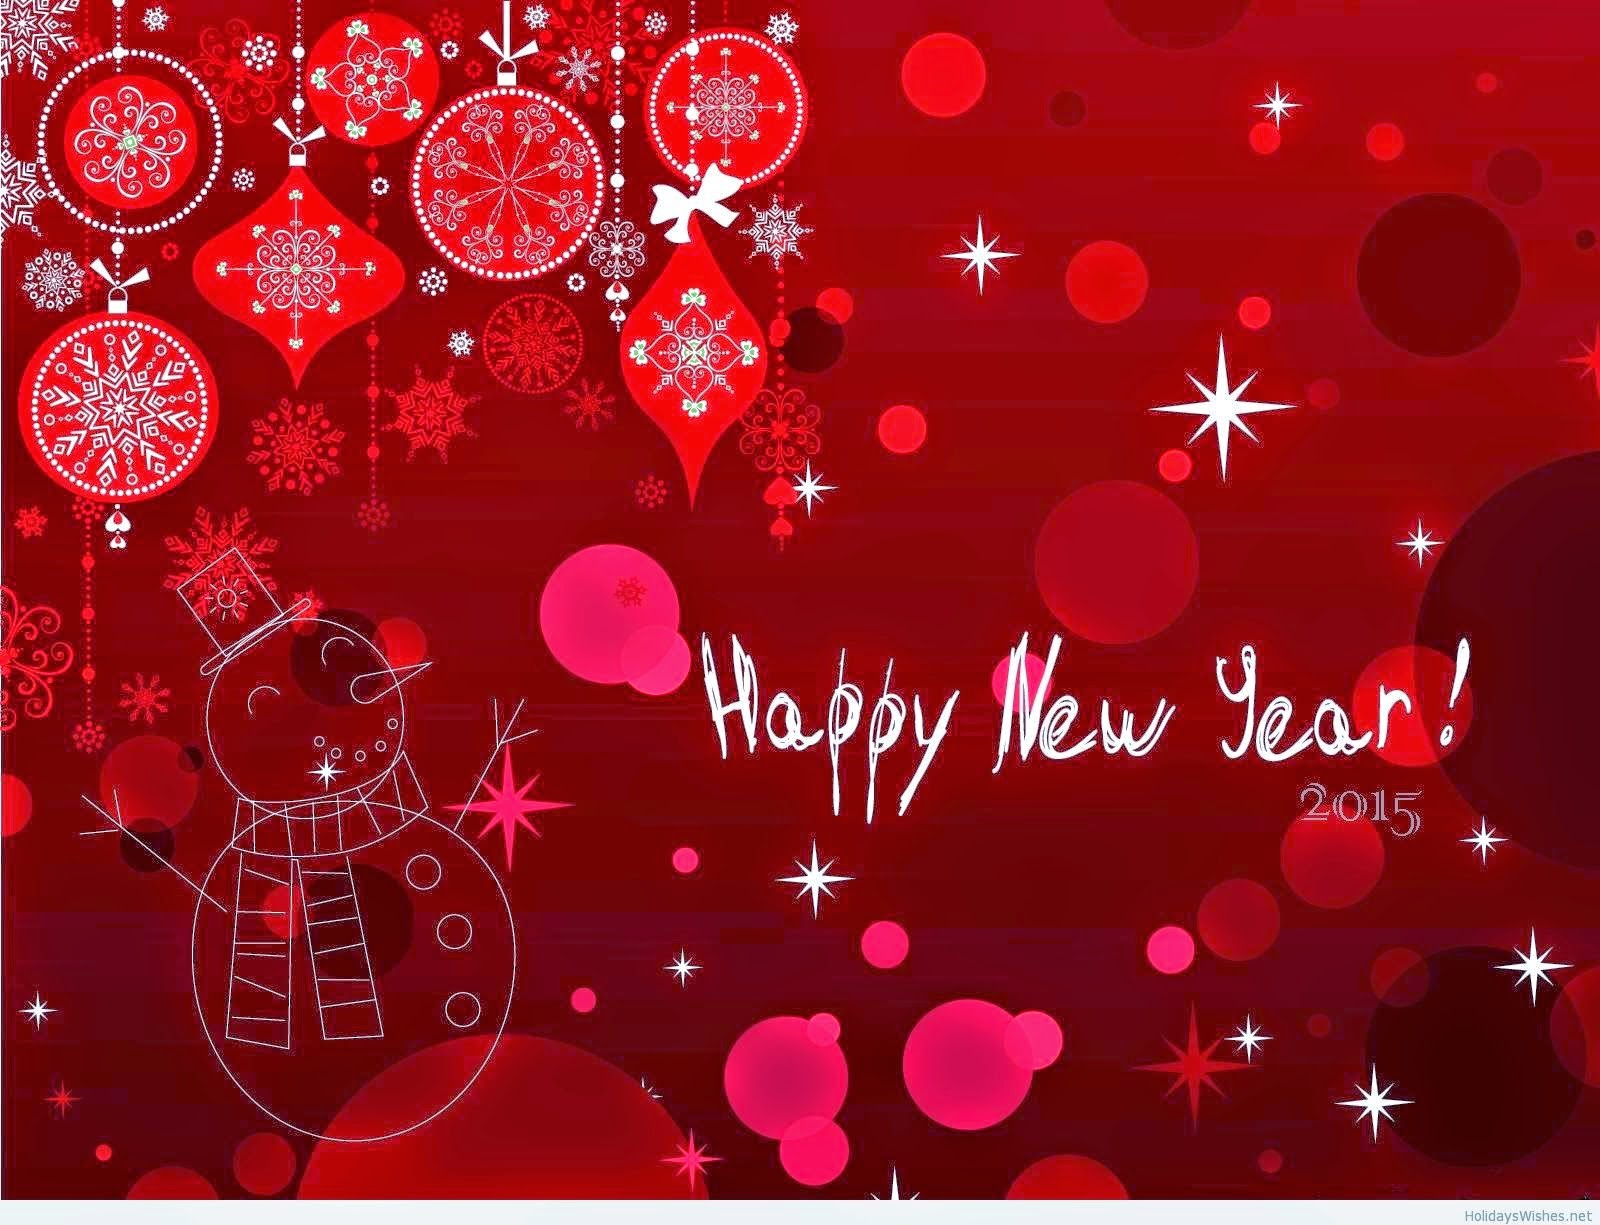 Kumpulan DP BBM Terbaru Selamat Natal Dan Tahun Baru 2016 Master